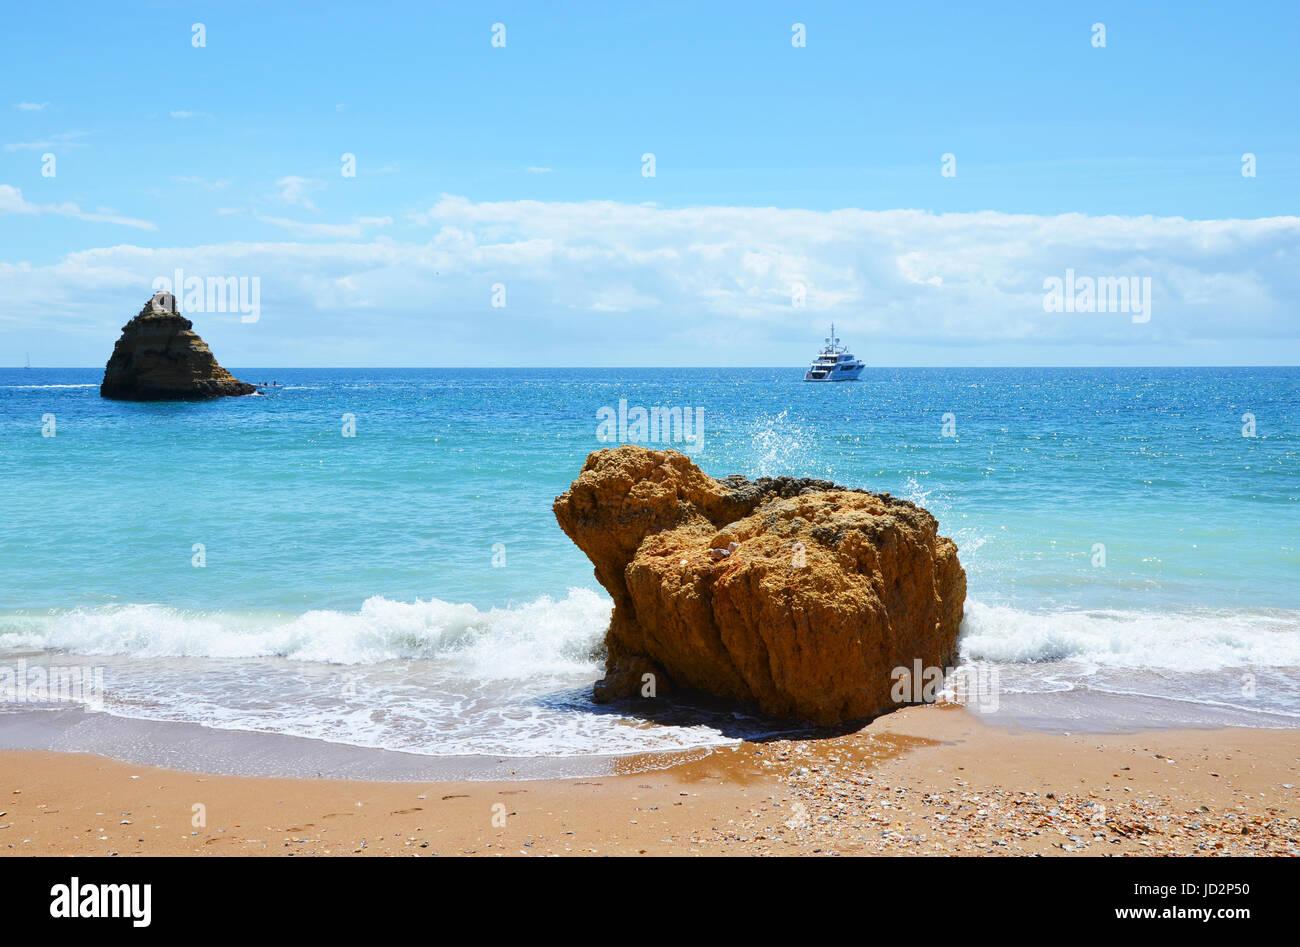 Wellen Waschen um einen Felsen am Praia Dona Ana und Yacht im Hintergrund, Algarve, Portugal Stockfoto